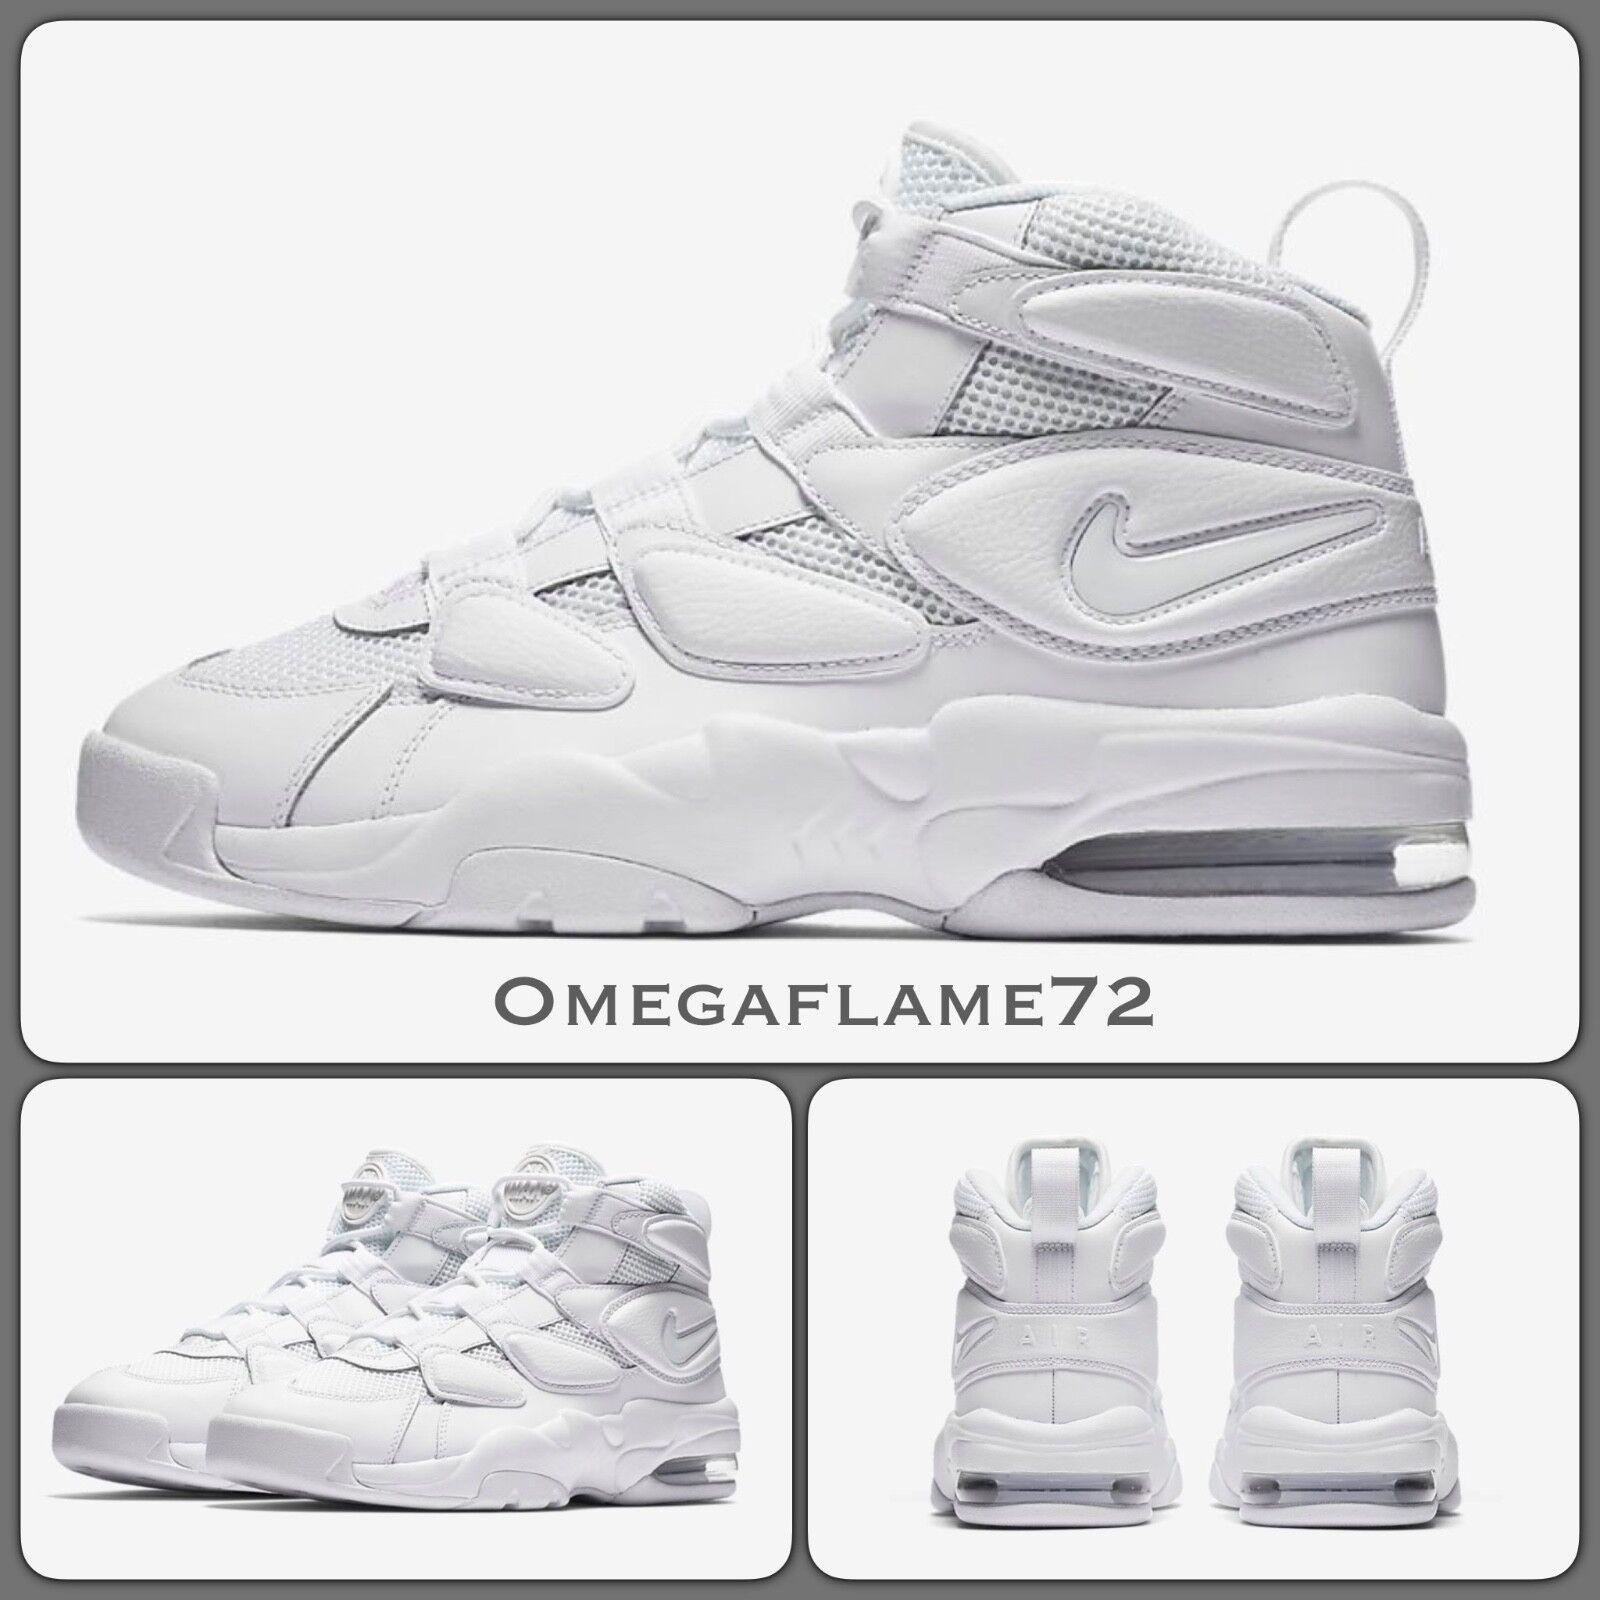 Nike Air Max Uptempo '94, Sz 9, EU 44, US 10, 922934-100 Triple blanc